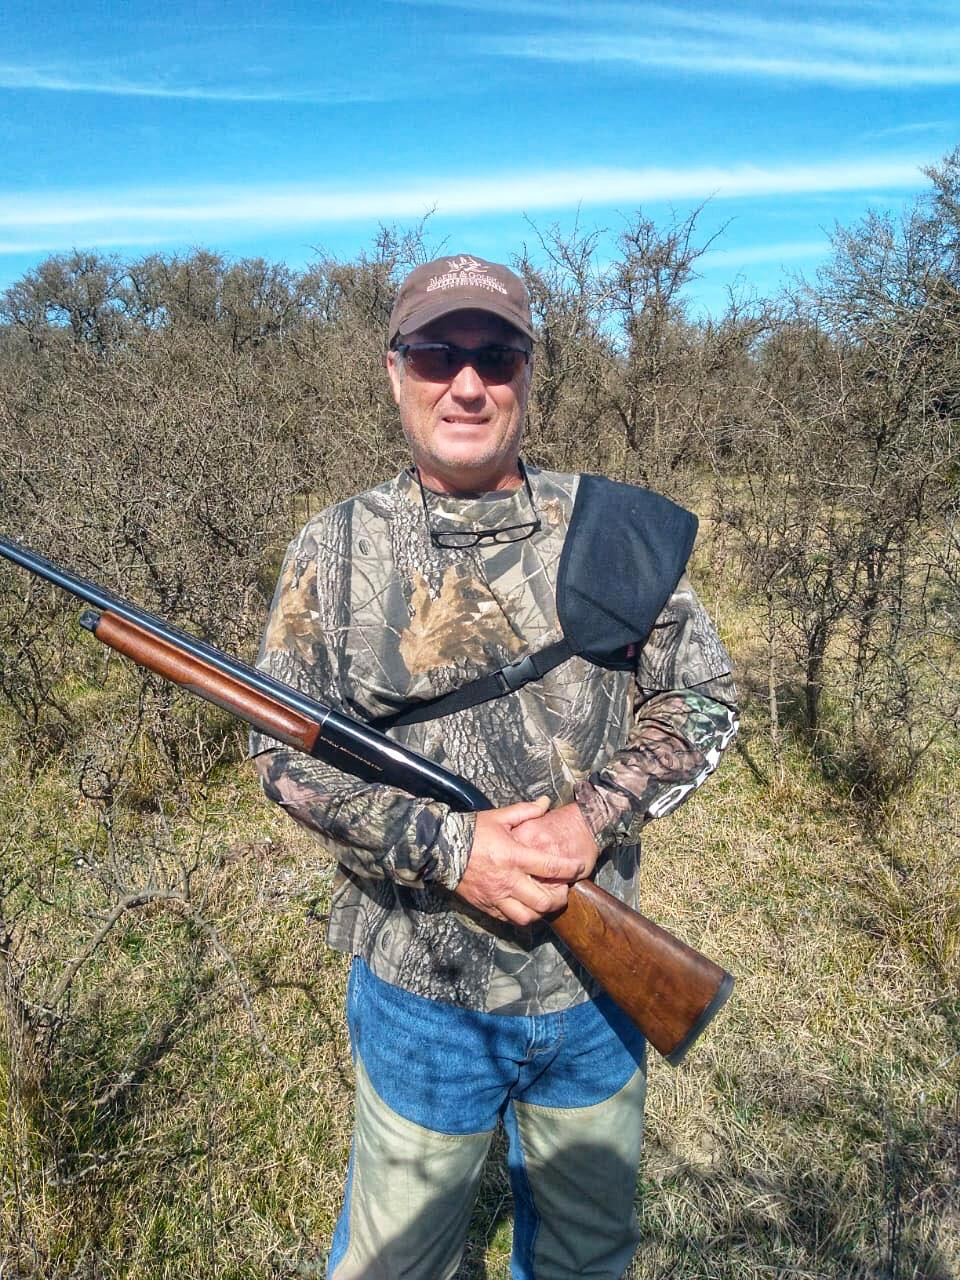 man posing with his gun